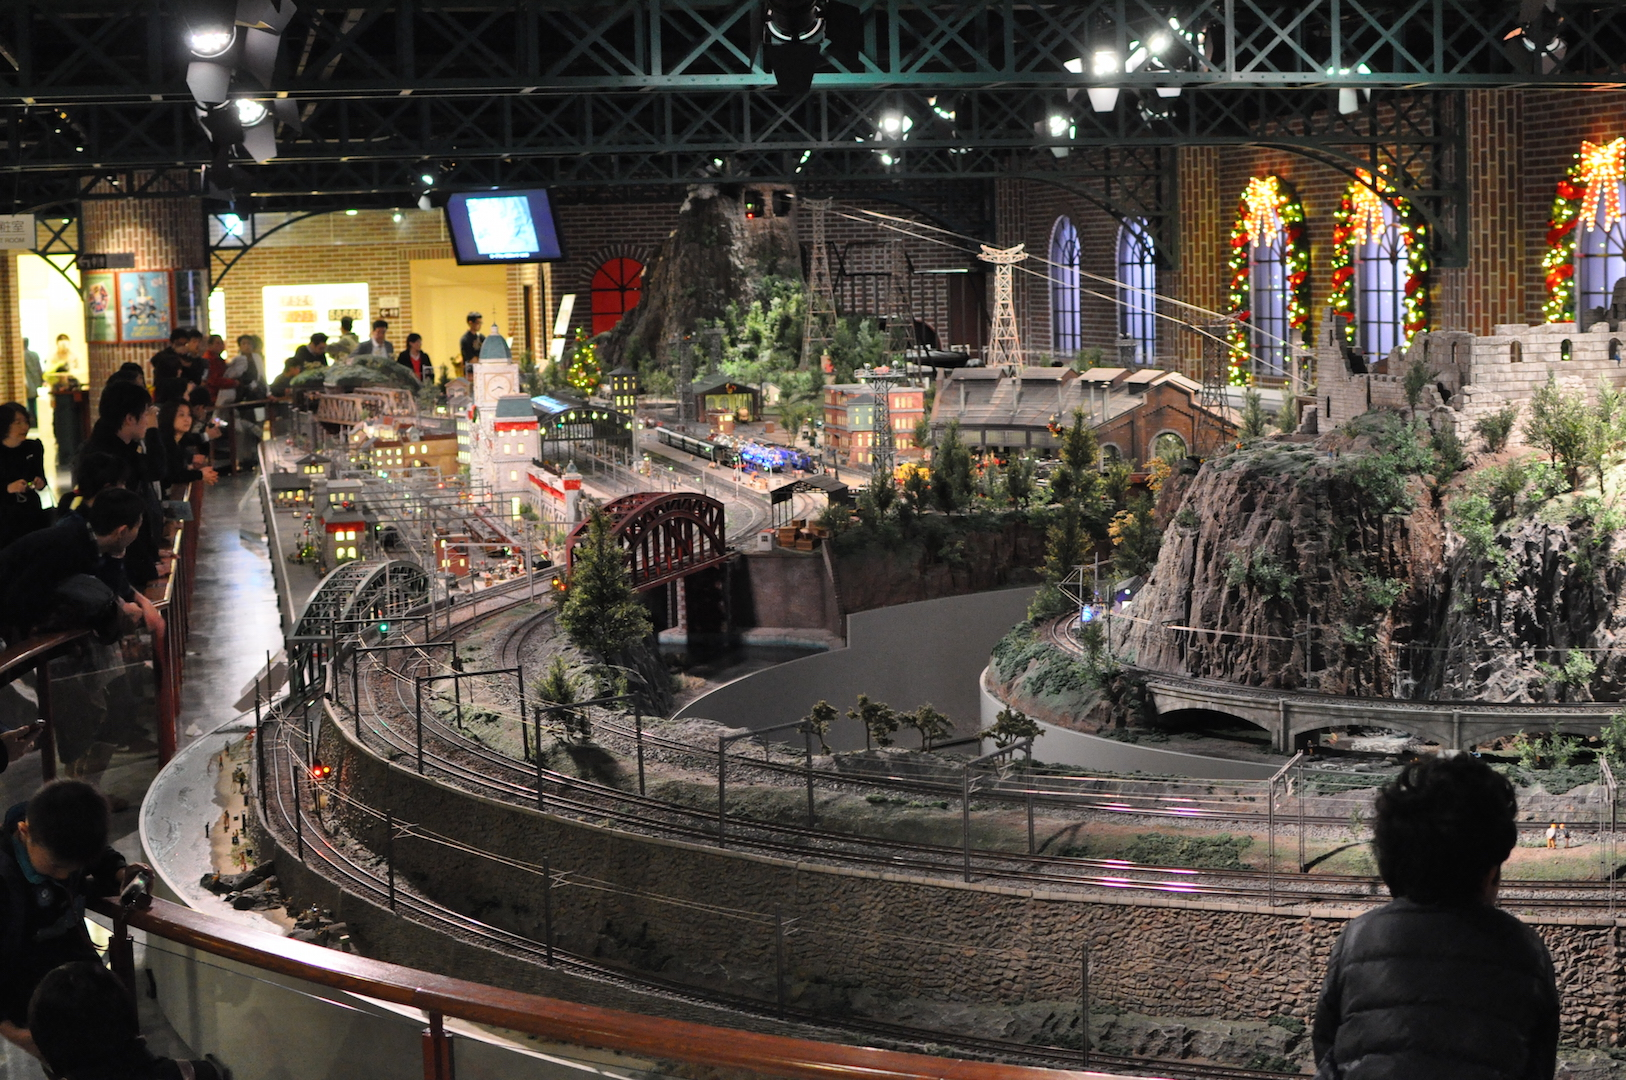 [横浜]原鉄道模型博物館はマニアでなくても楽しめるおすすめスポット